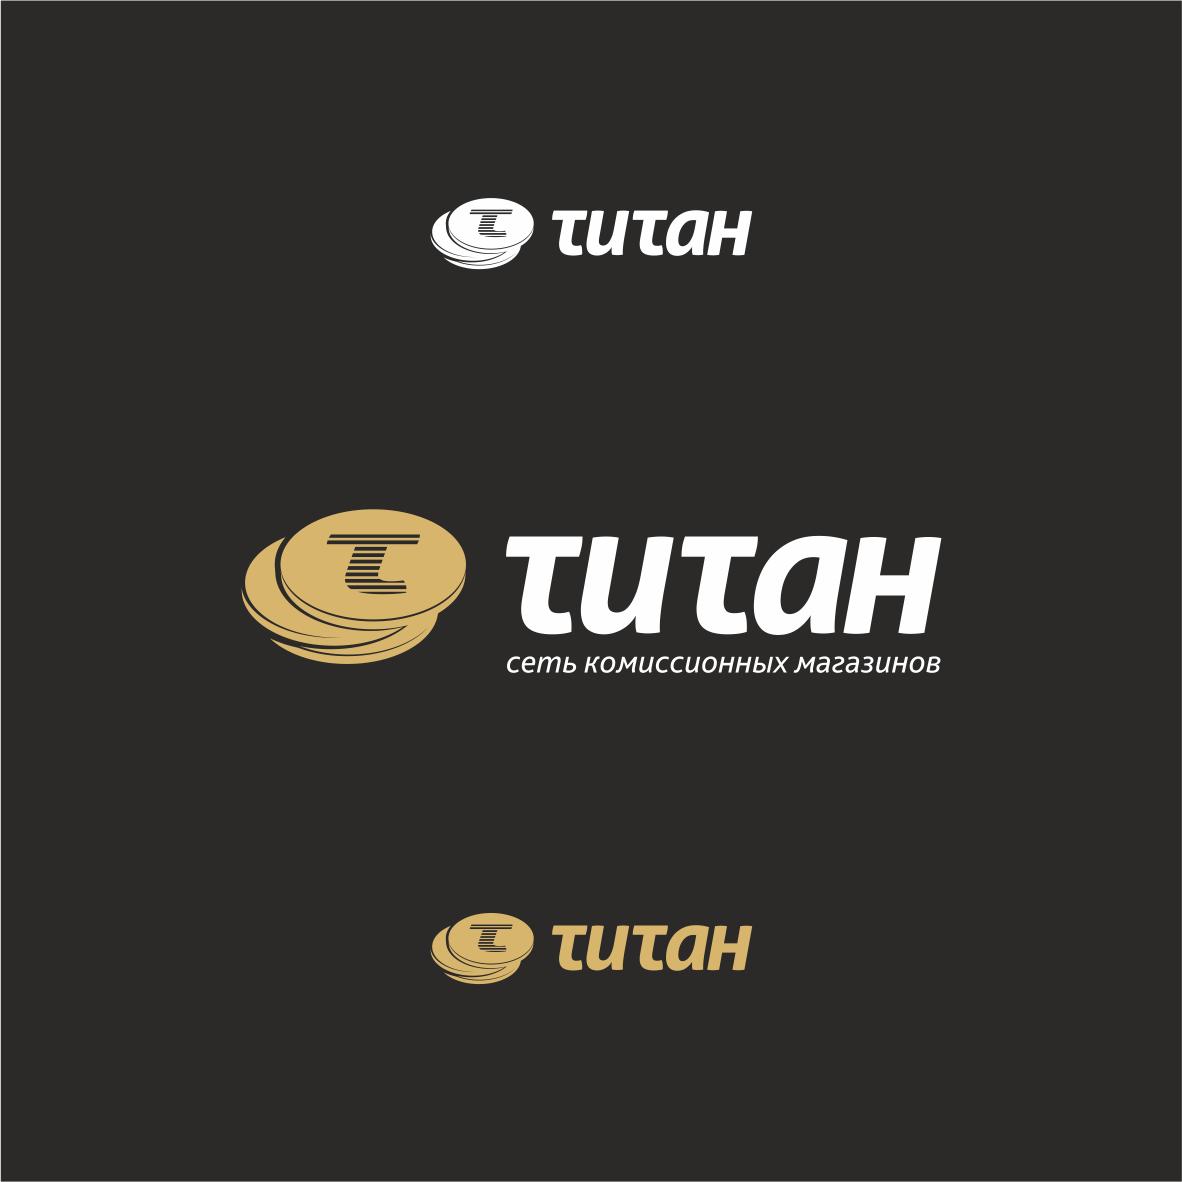 Разработка логотипа (срочно) фото f_5265d49c2db96b1c.png